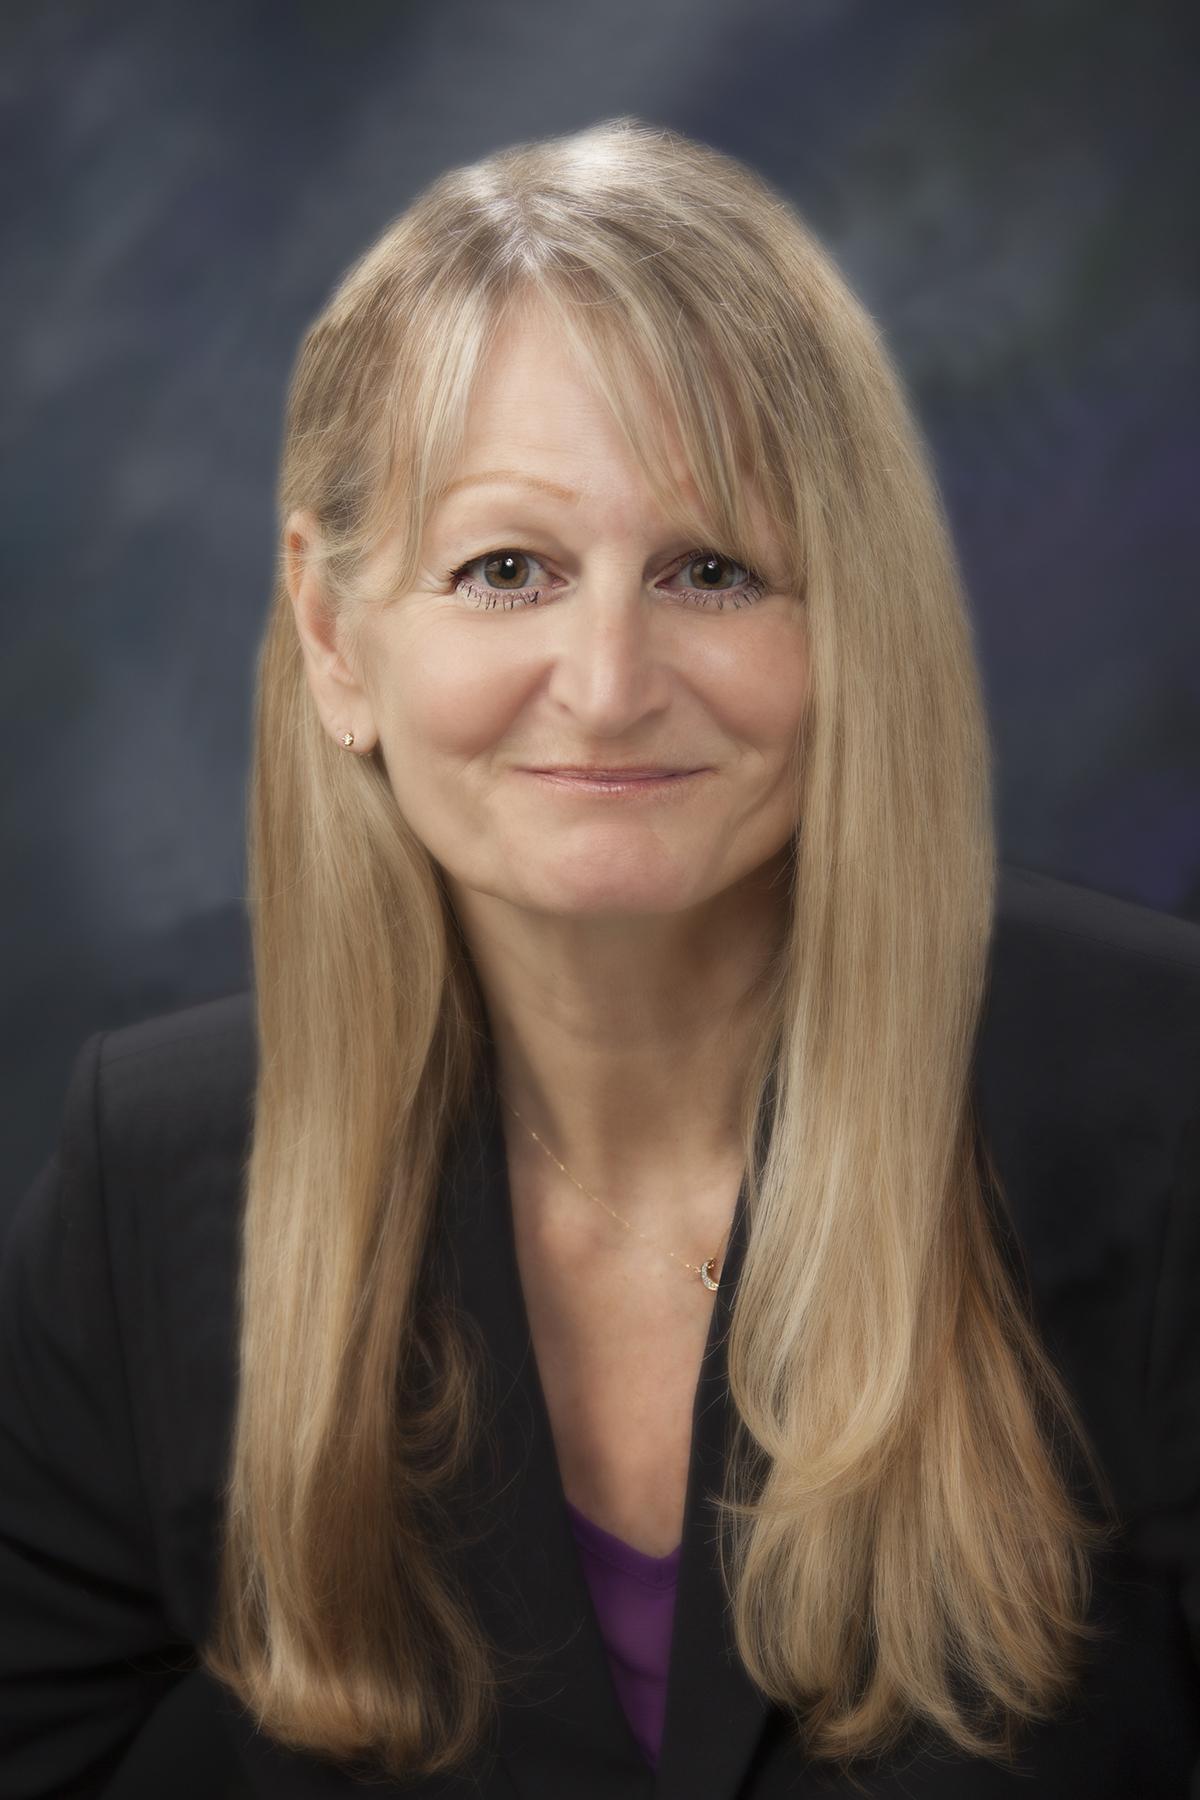 Laura Alto